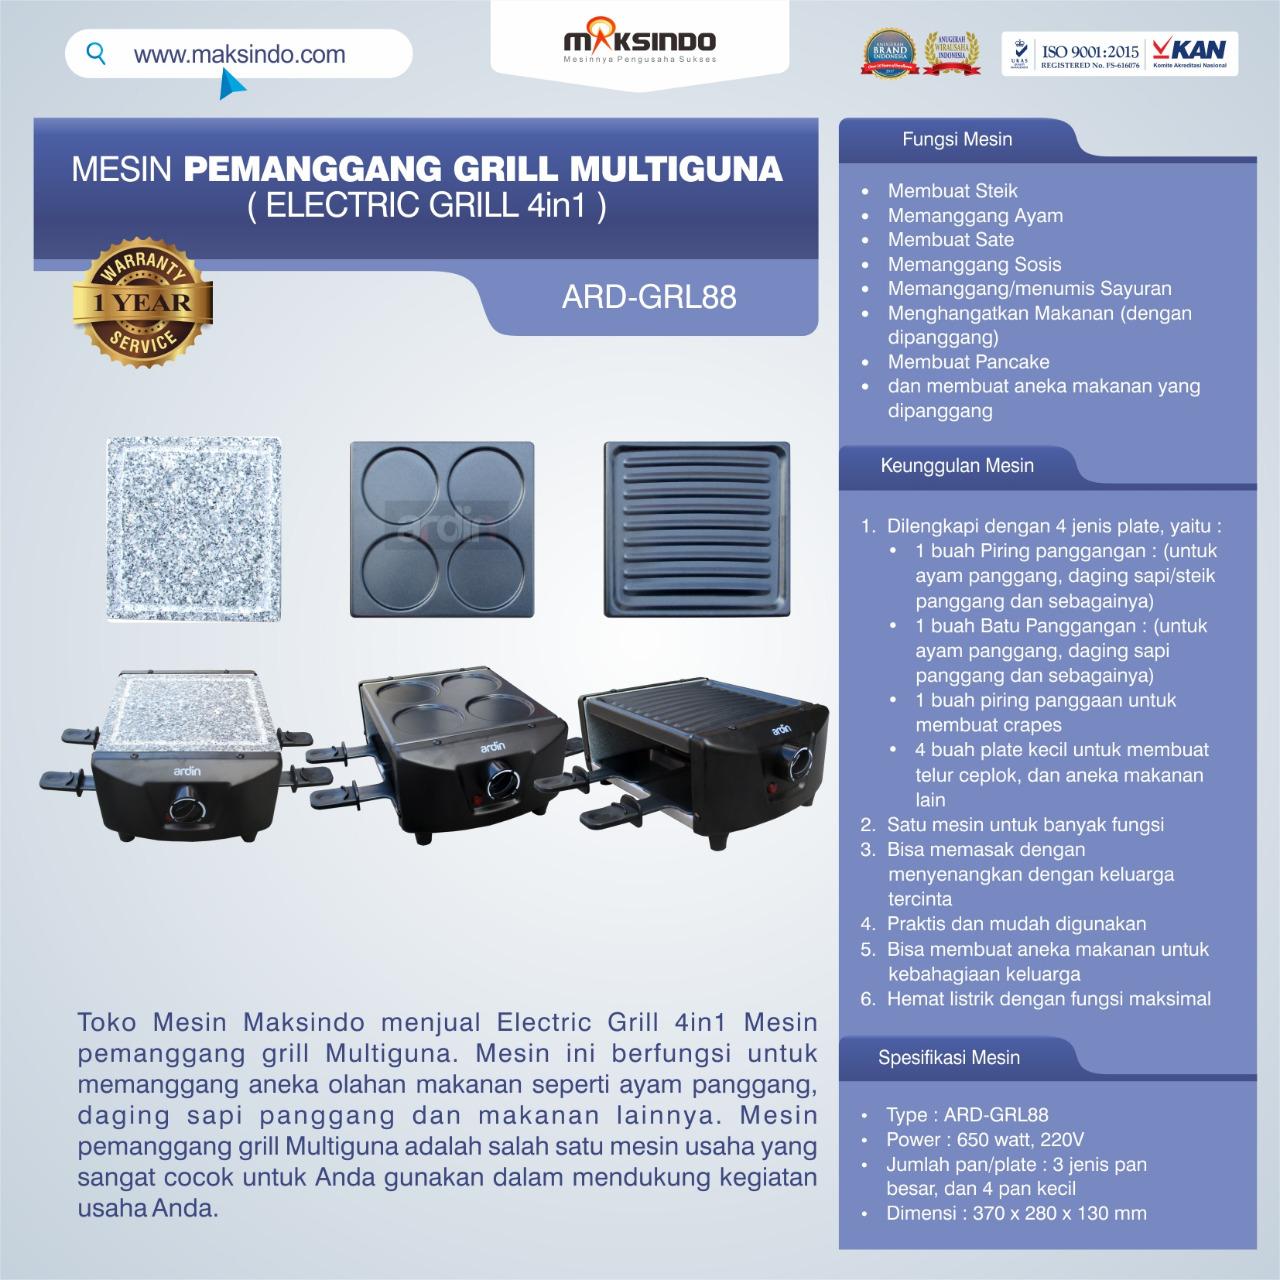 Jual Mesin Pemanggang Grill Multiguna (Electric Grill 4in1) ARD-GRL88 di Palembang